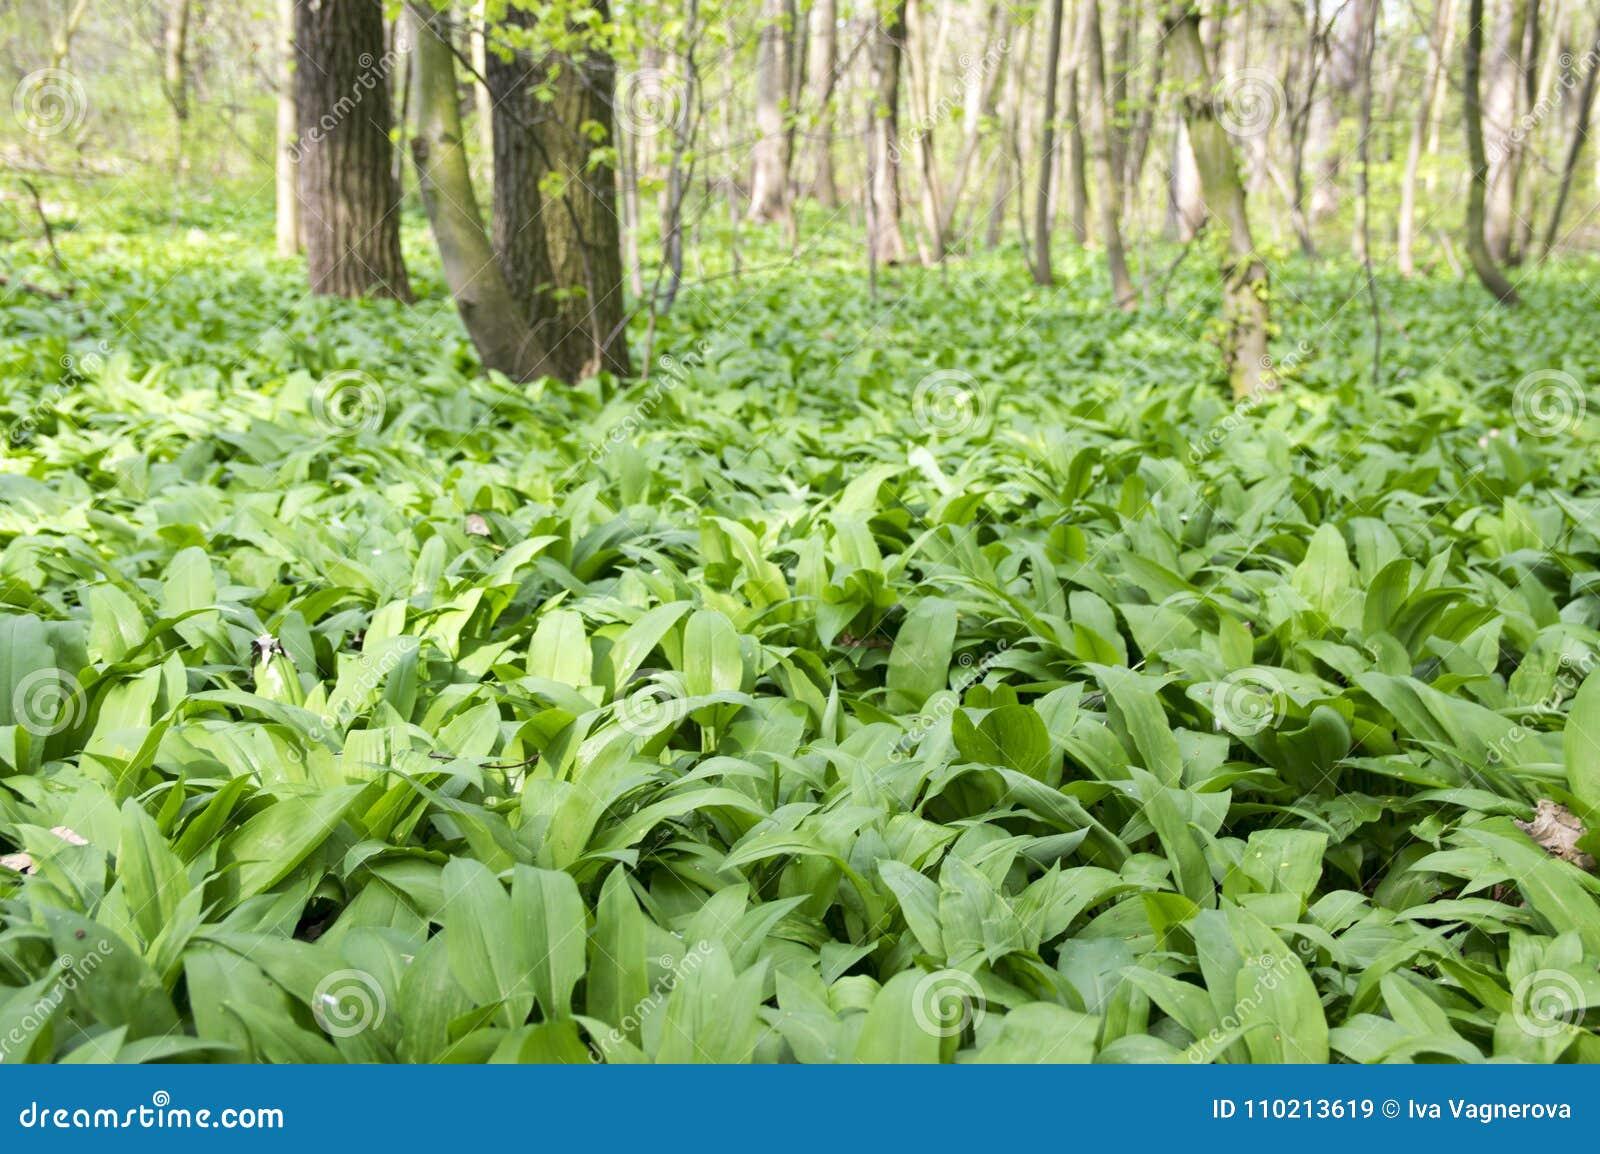 Το μαγικό σύνολο θέσεων φύσης των άγρια περιοχών αντέχει το σκόρδο, πράσινο υπόβαθρο φύλλων